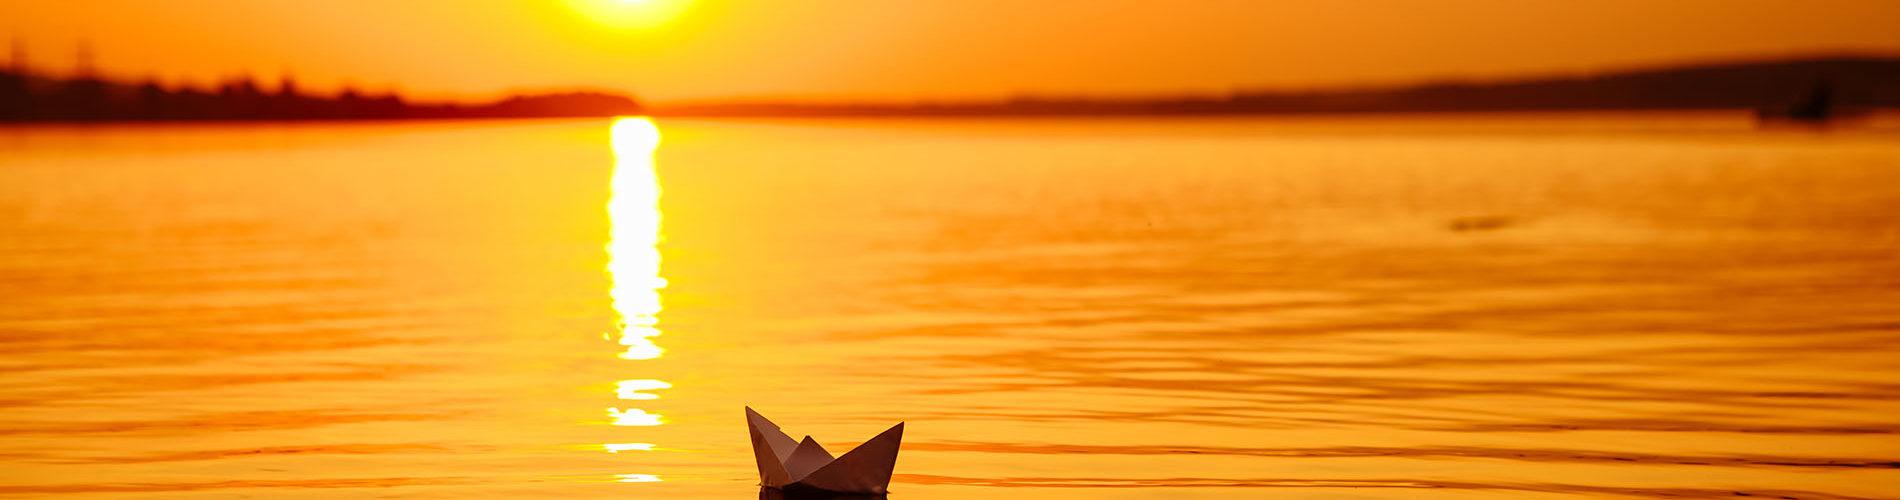 Origami Papierschiff auf Wasser